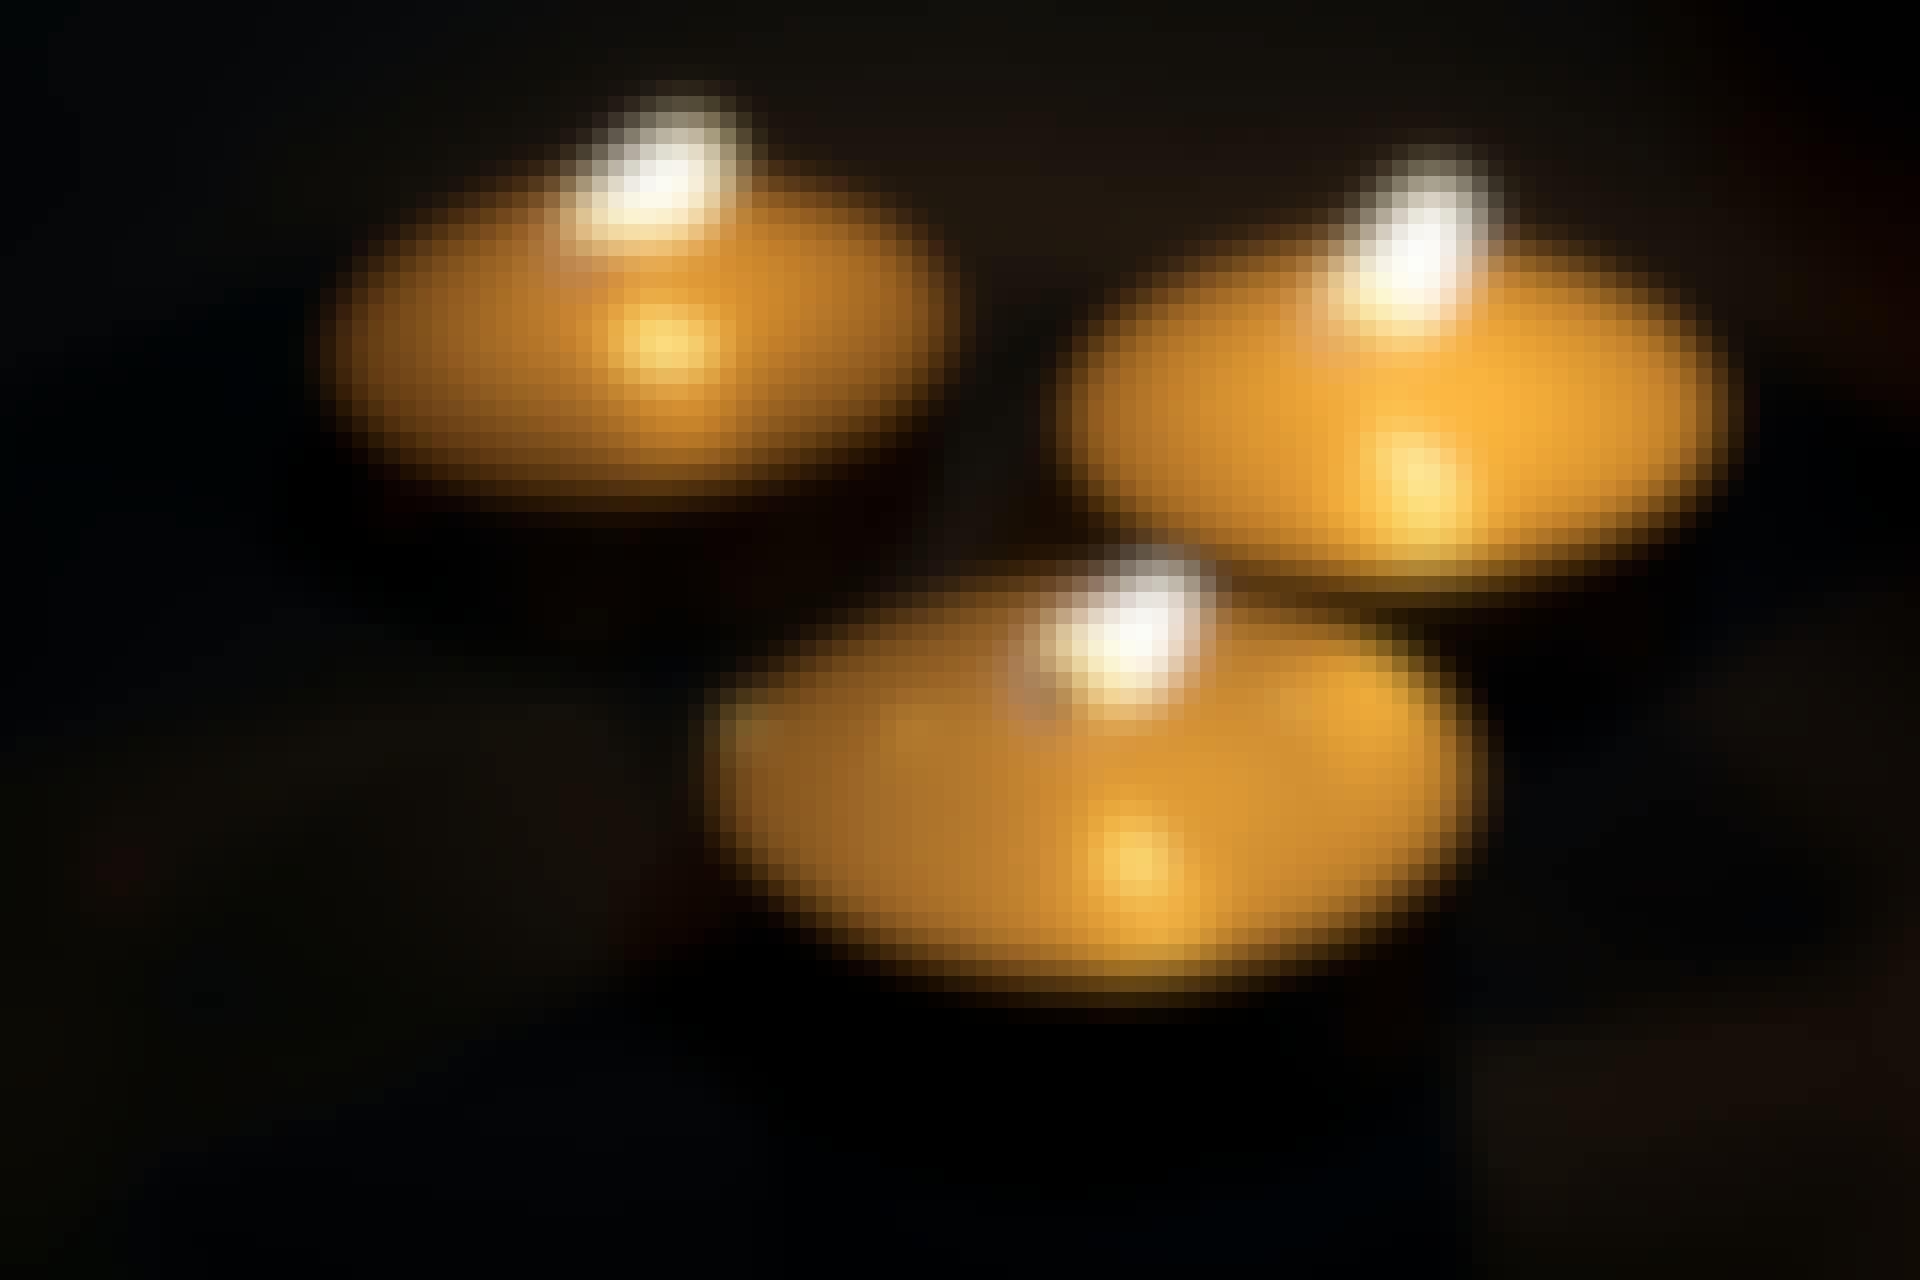 Liian kuuma kynttilä syttyy palamaan